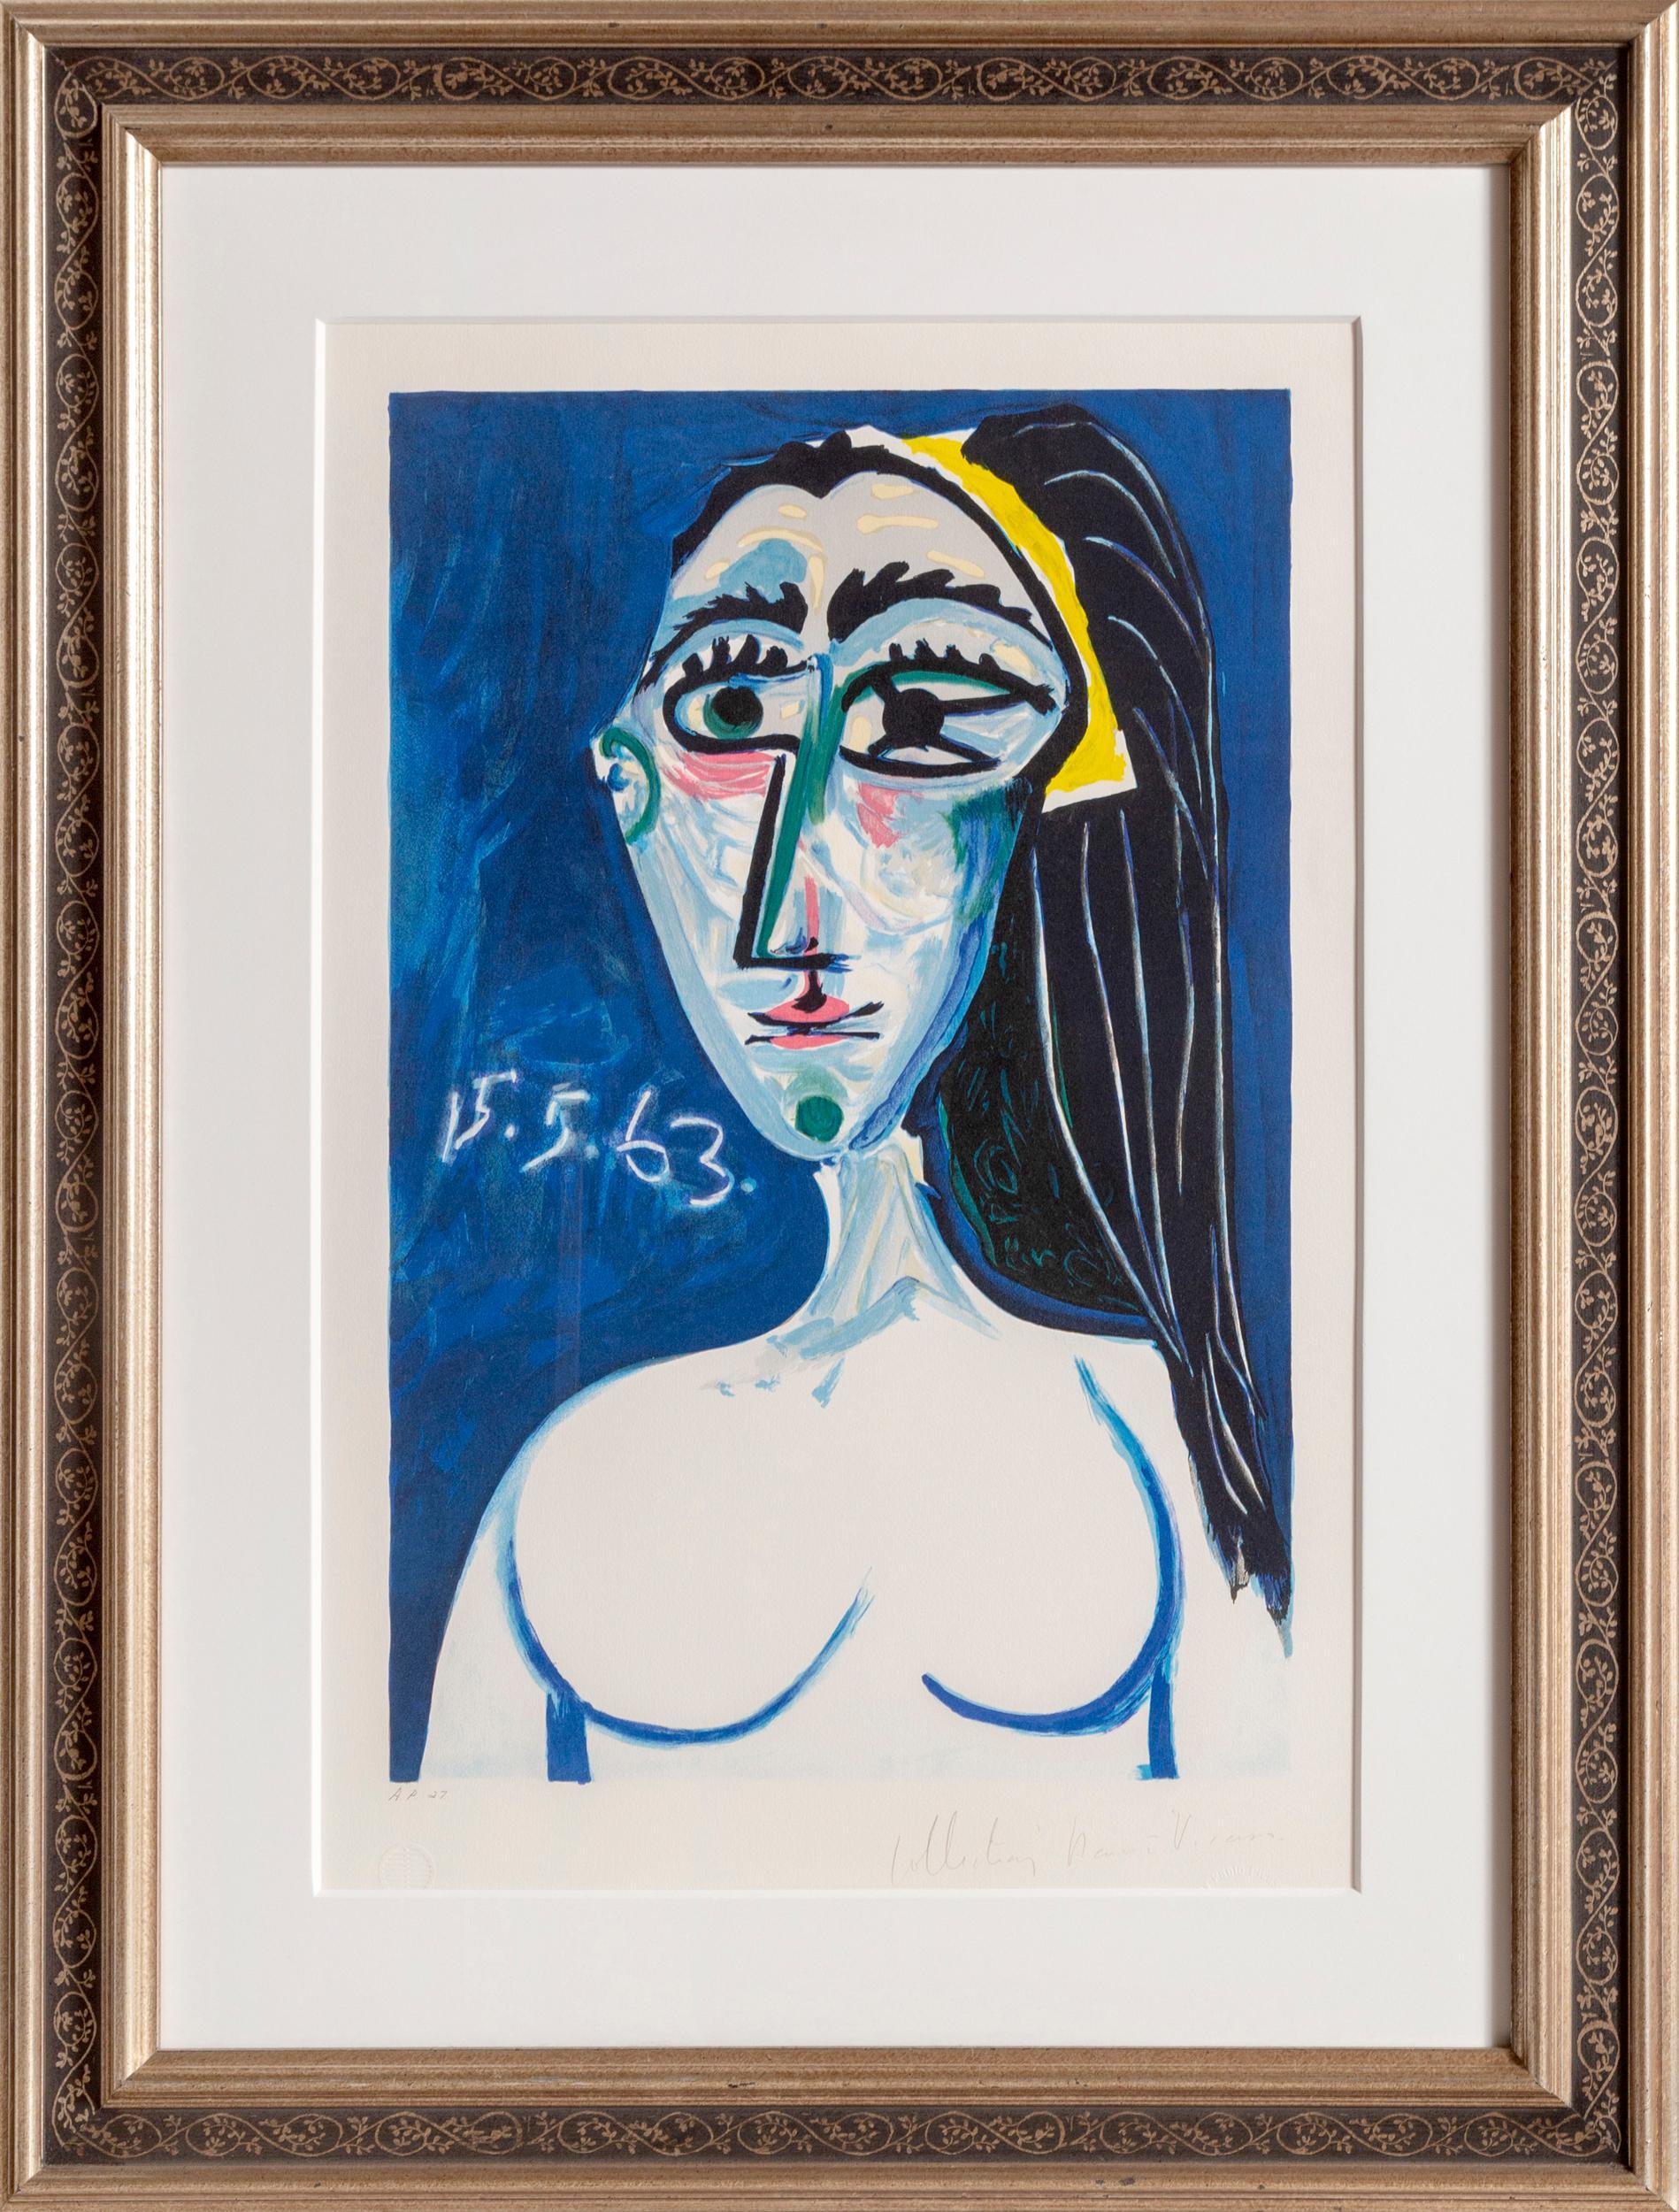 Pablo Picasso, Buste de Femme Nue Face (Jacqueline Roque), 1, Lithograph